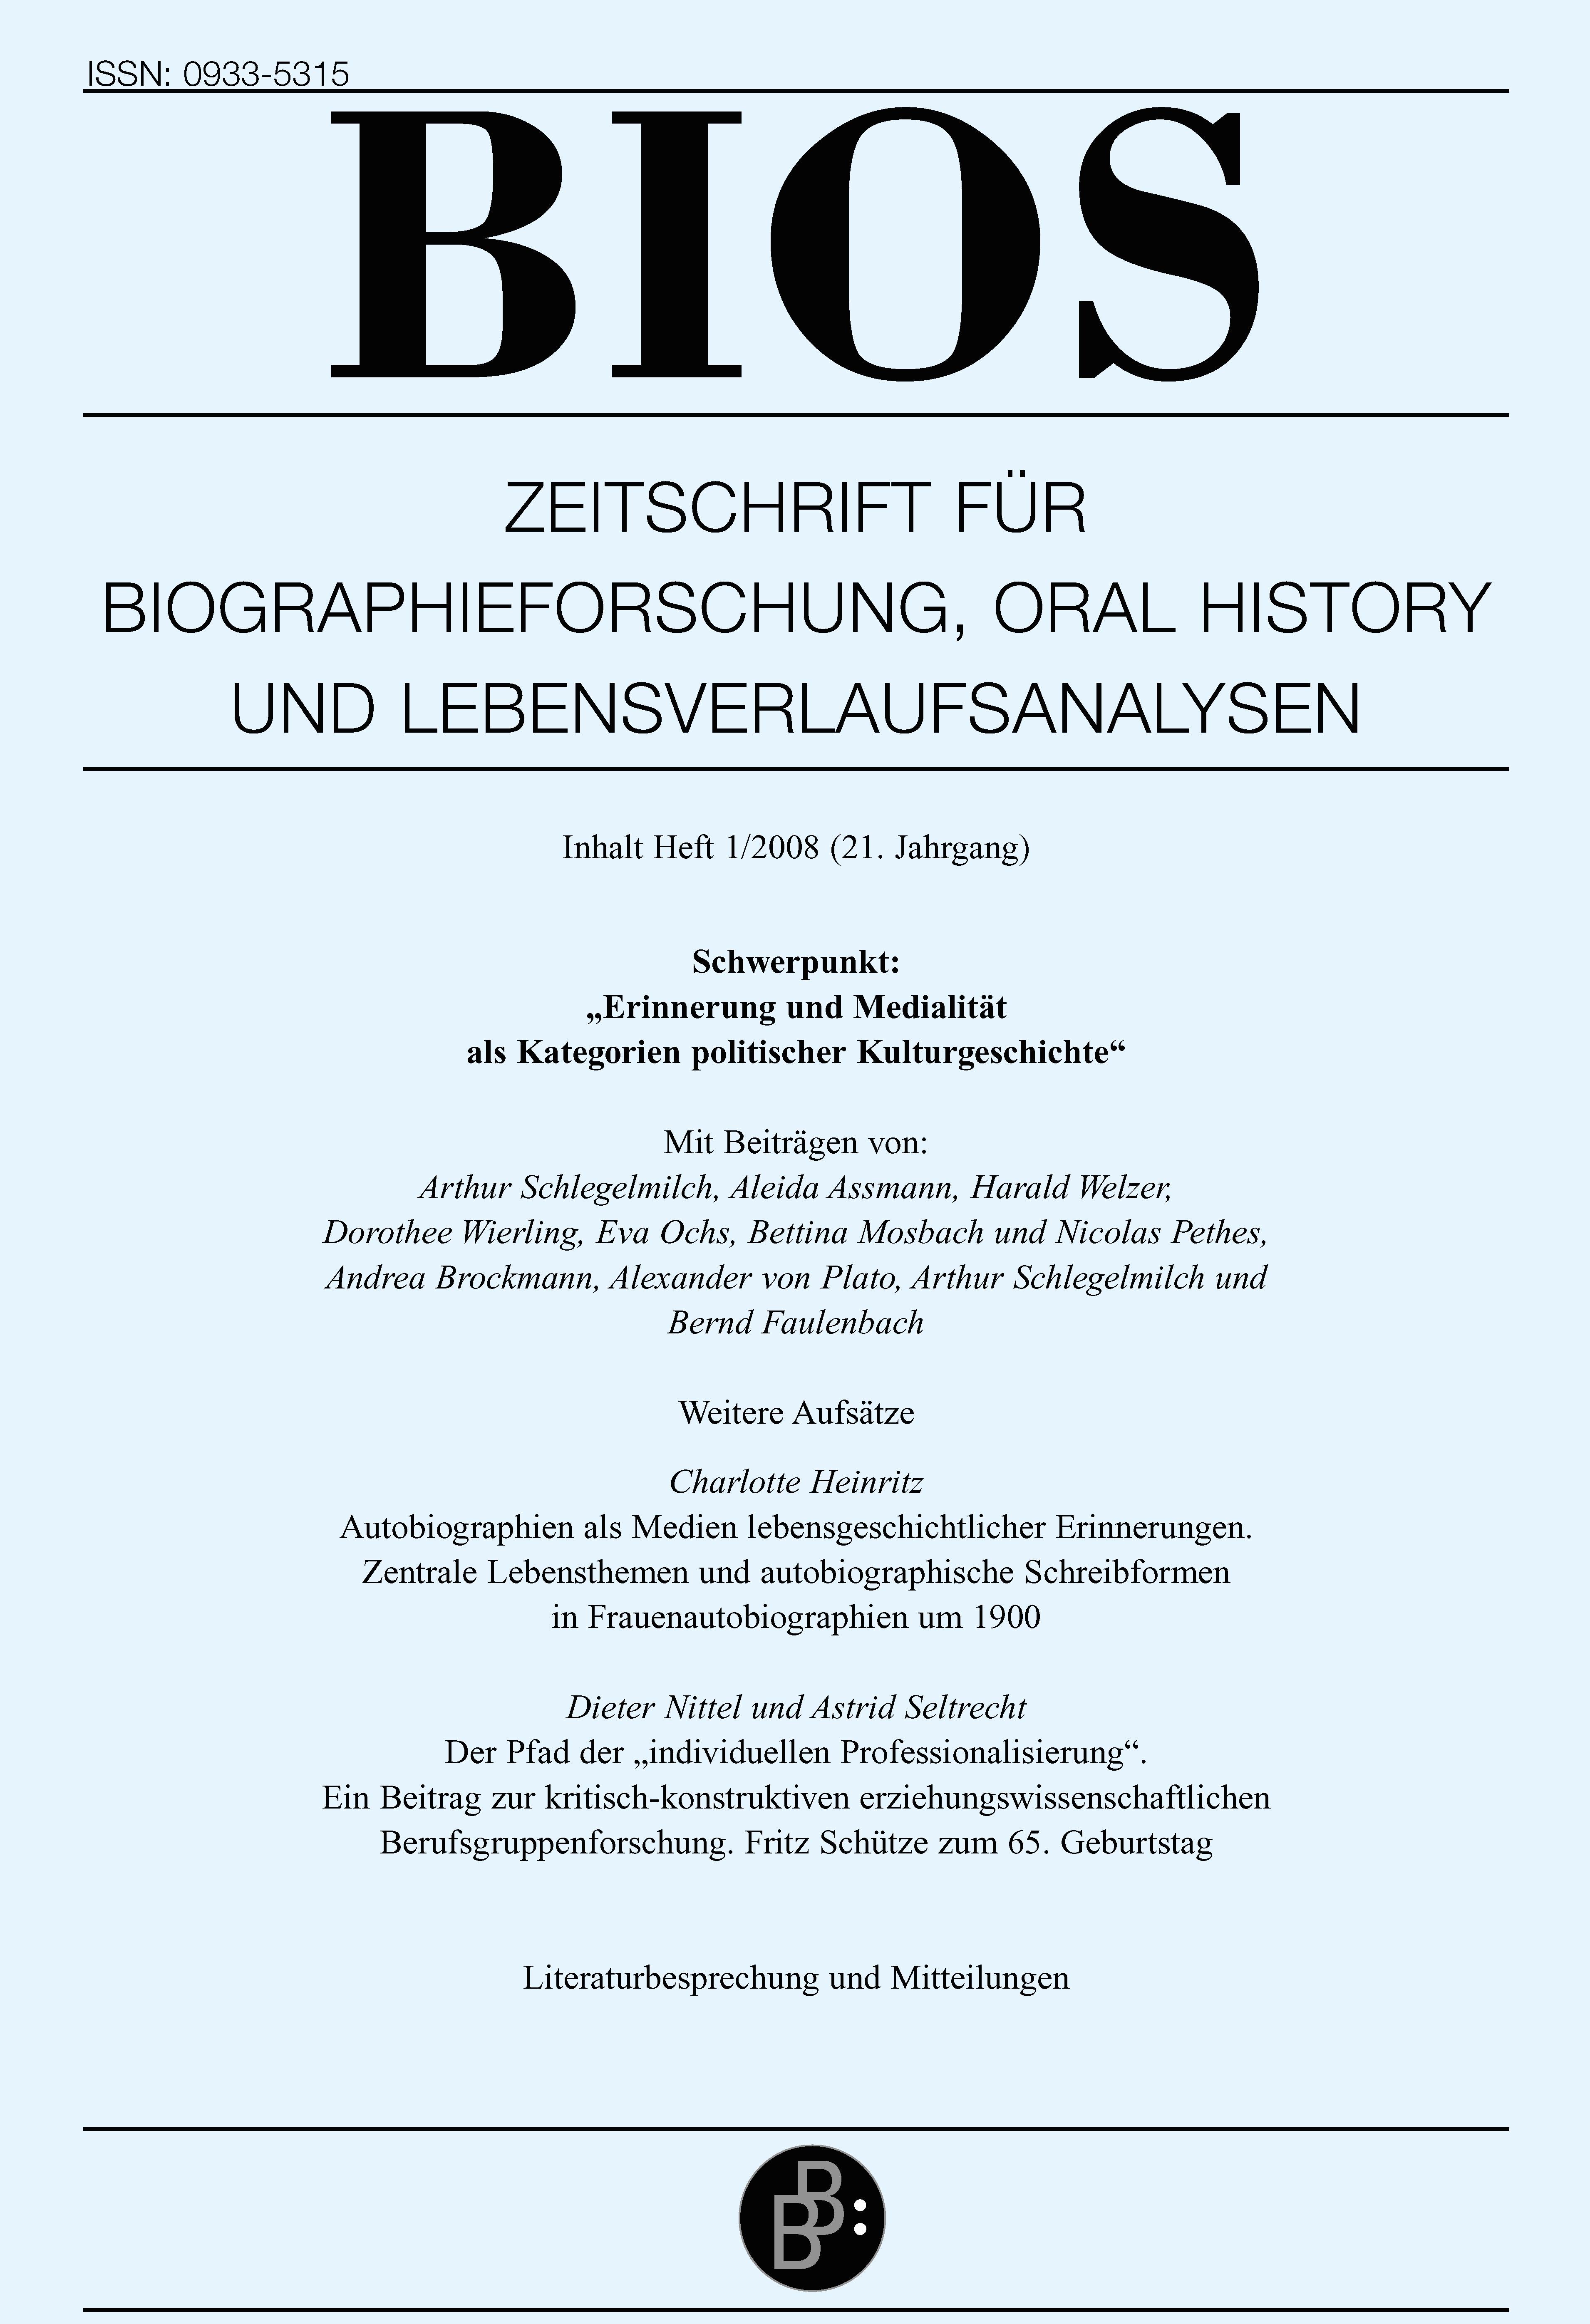 BIOS 1-2008 | Erinnerung und Medialität als Kategorie politischer Kulturgeschichte